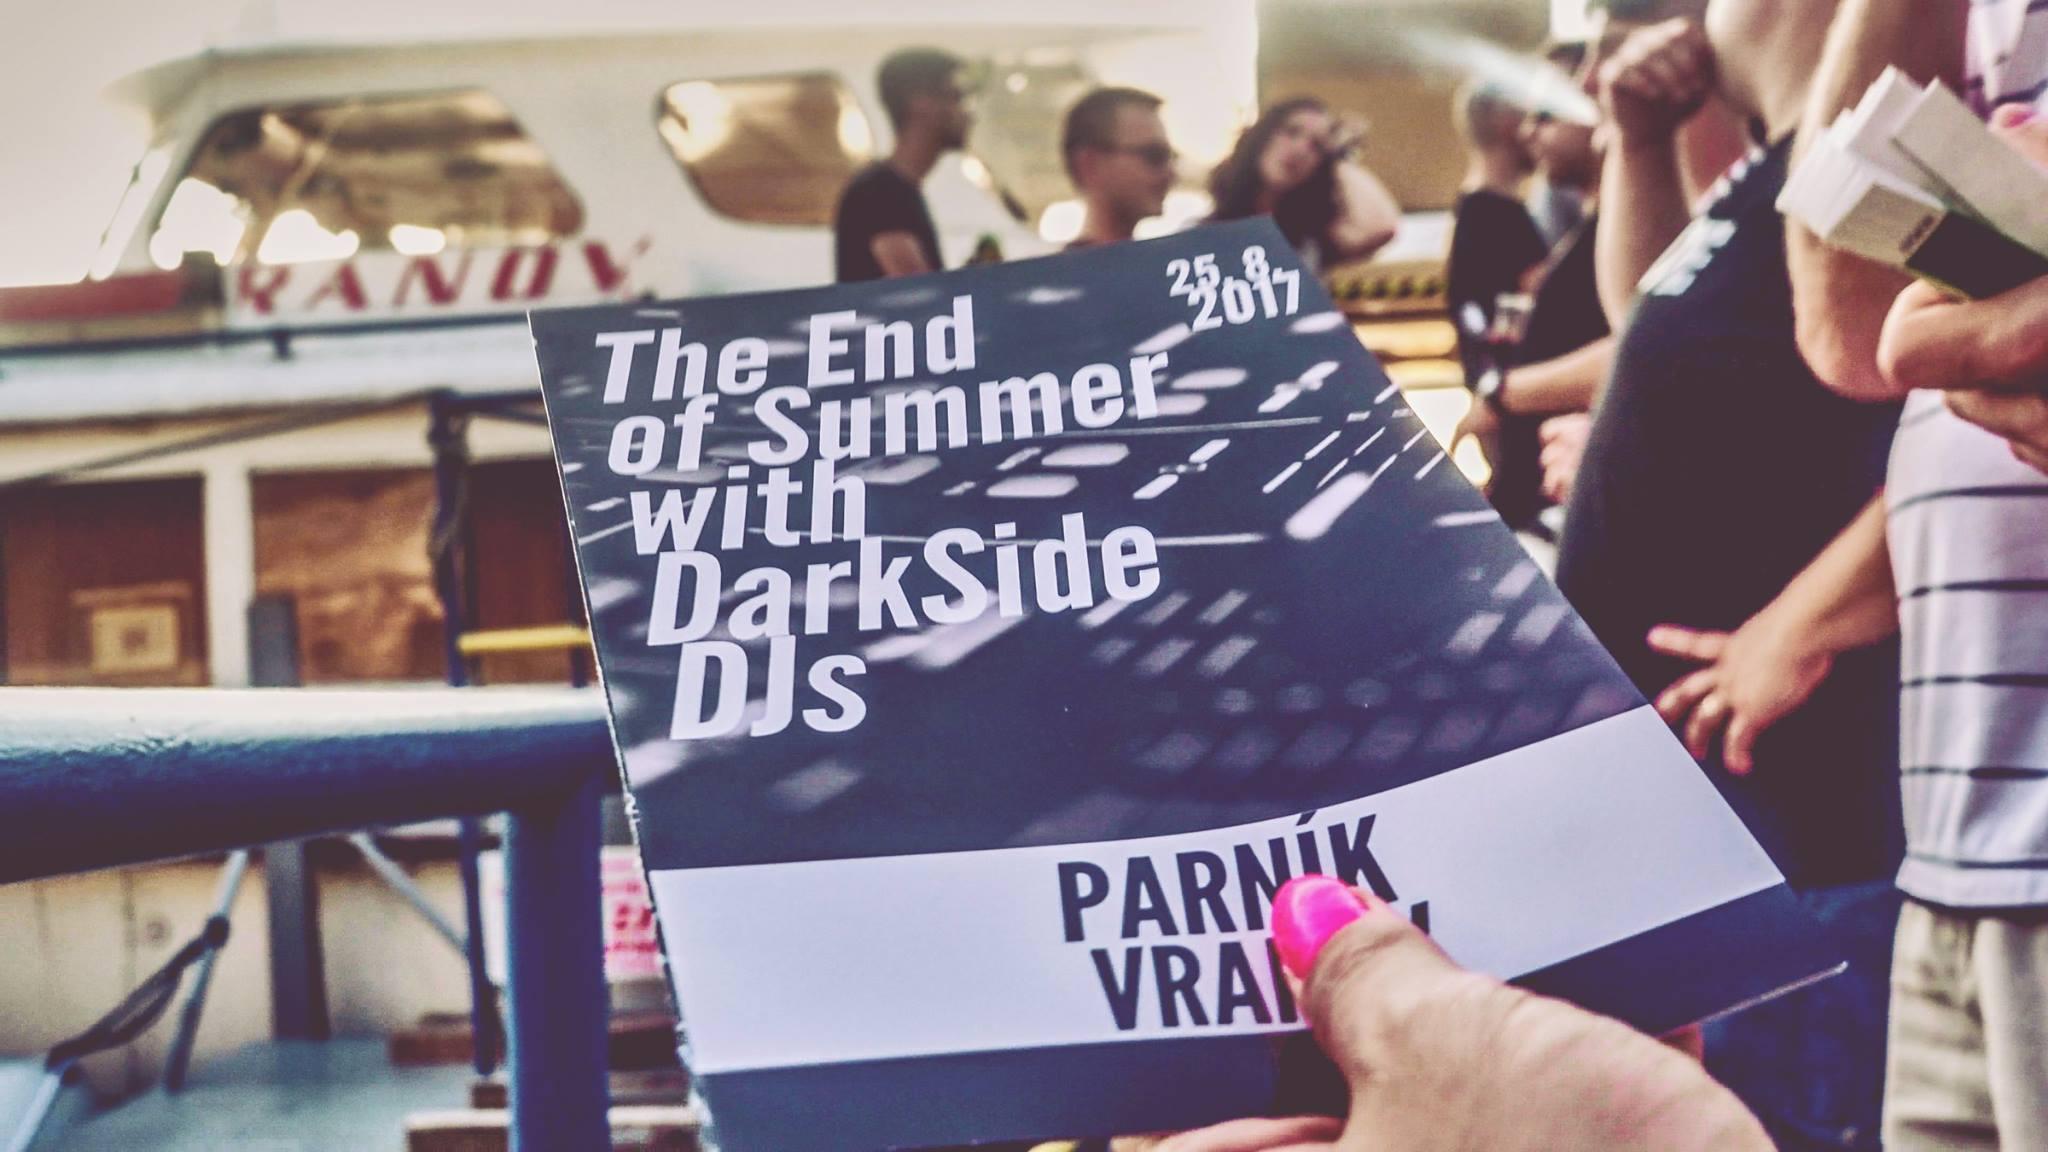 DARKSIDE DJS